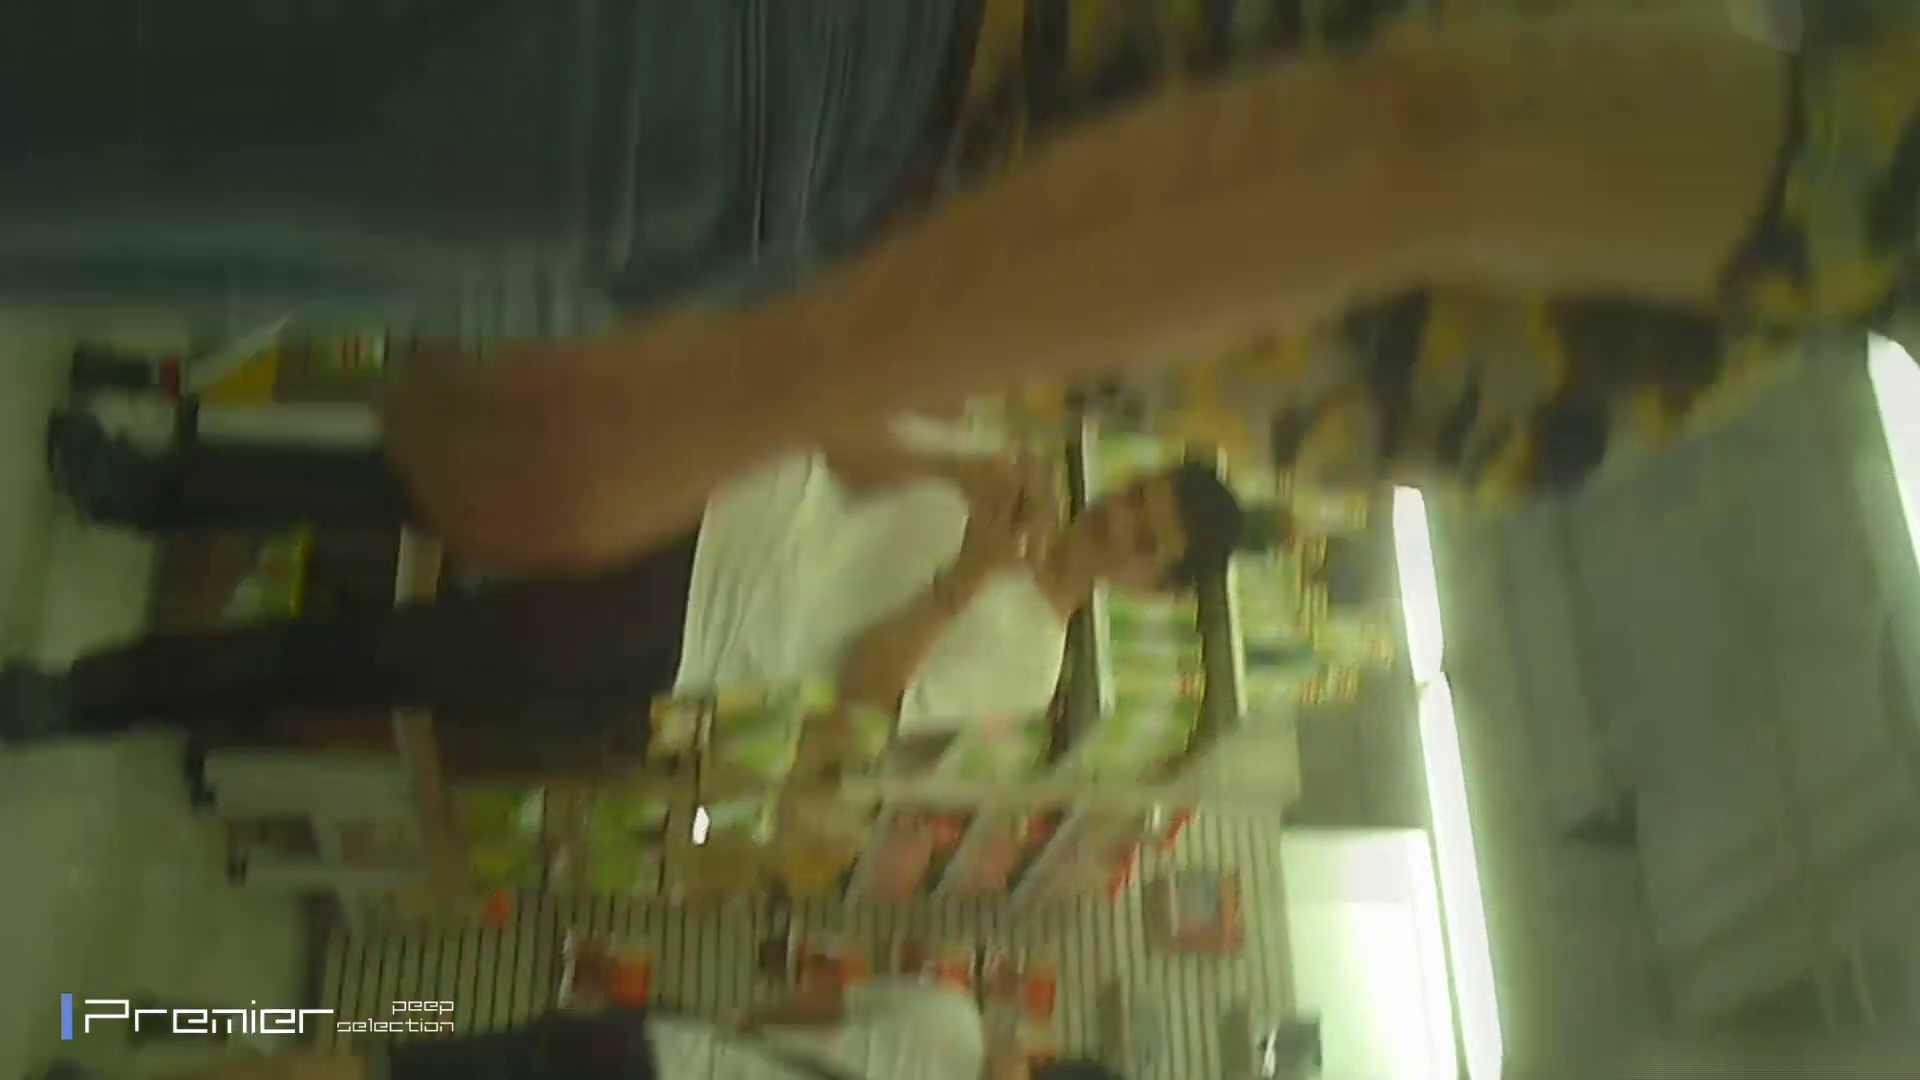 ギャルのパンチラ 美女の痴態に密着!Vol.15 ギャルの実態 盗み撮りオマンコ動画キャプチャ 105pic 69